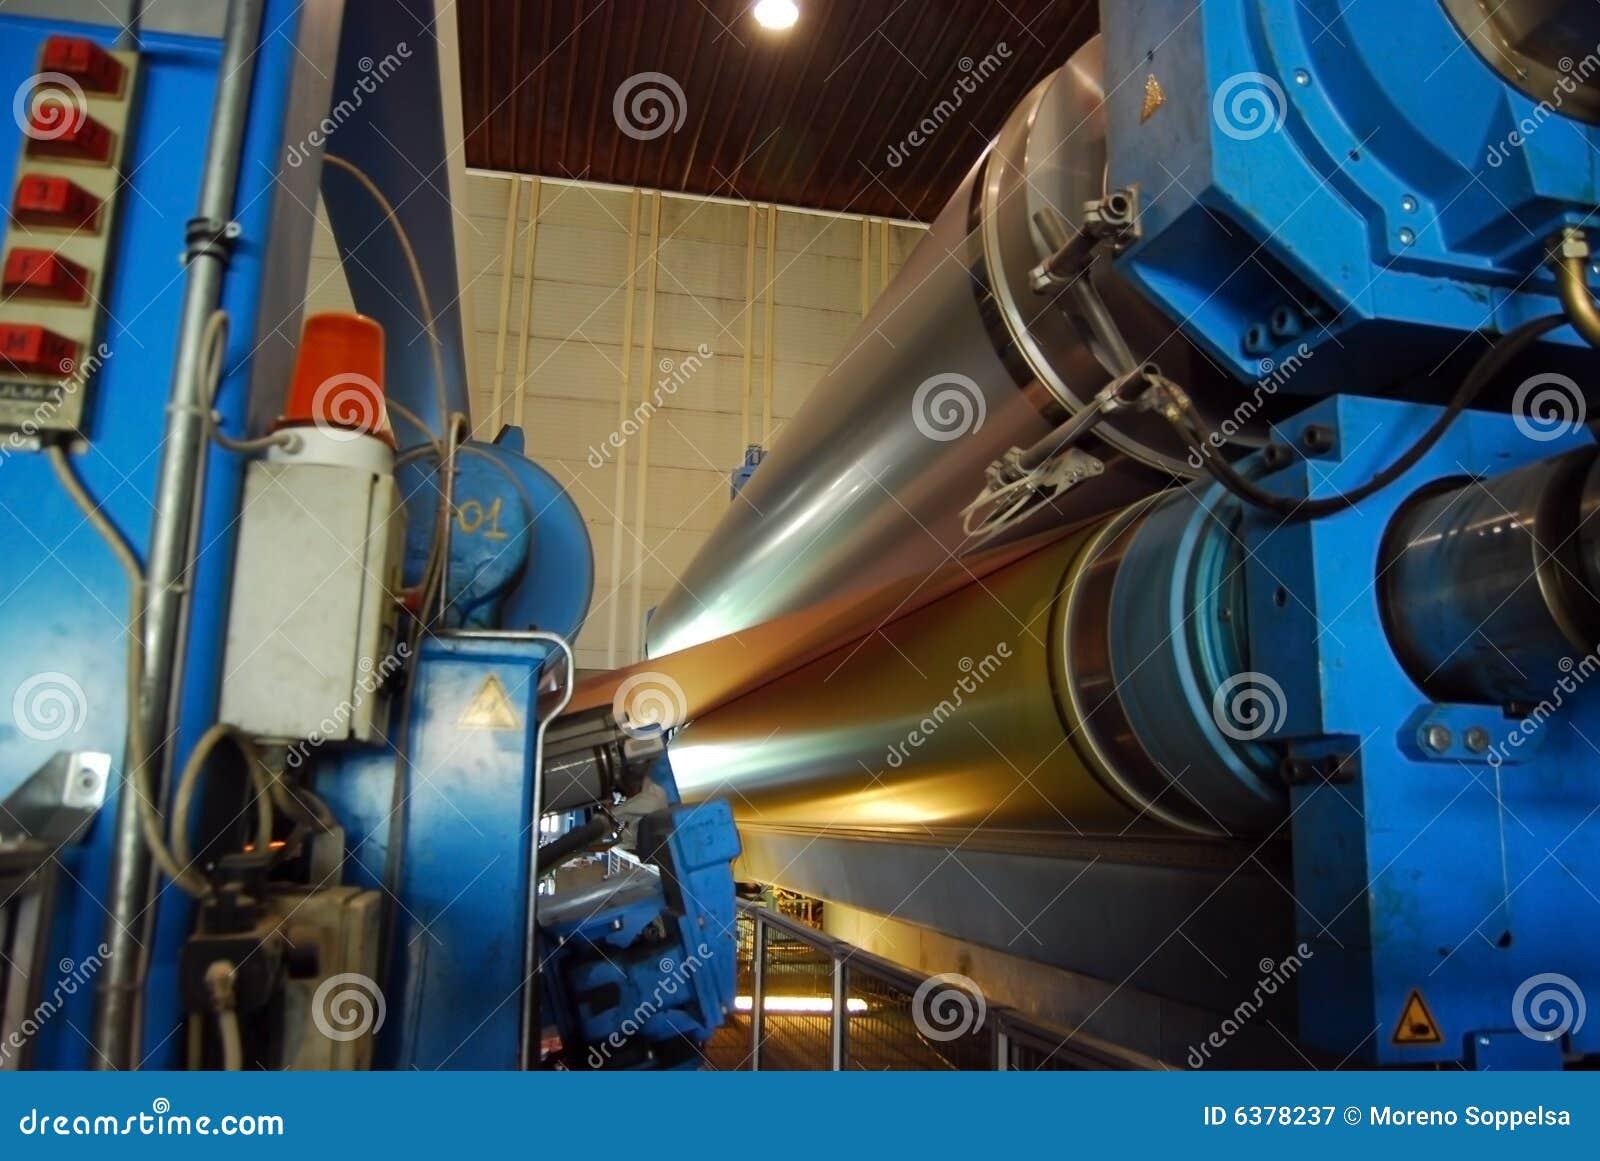 Papier- und Massentausendstel - Fourdrinier-Papiermaschine